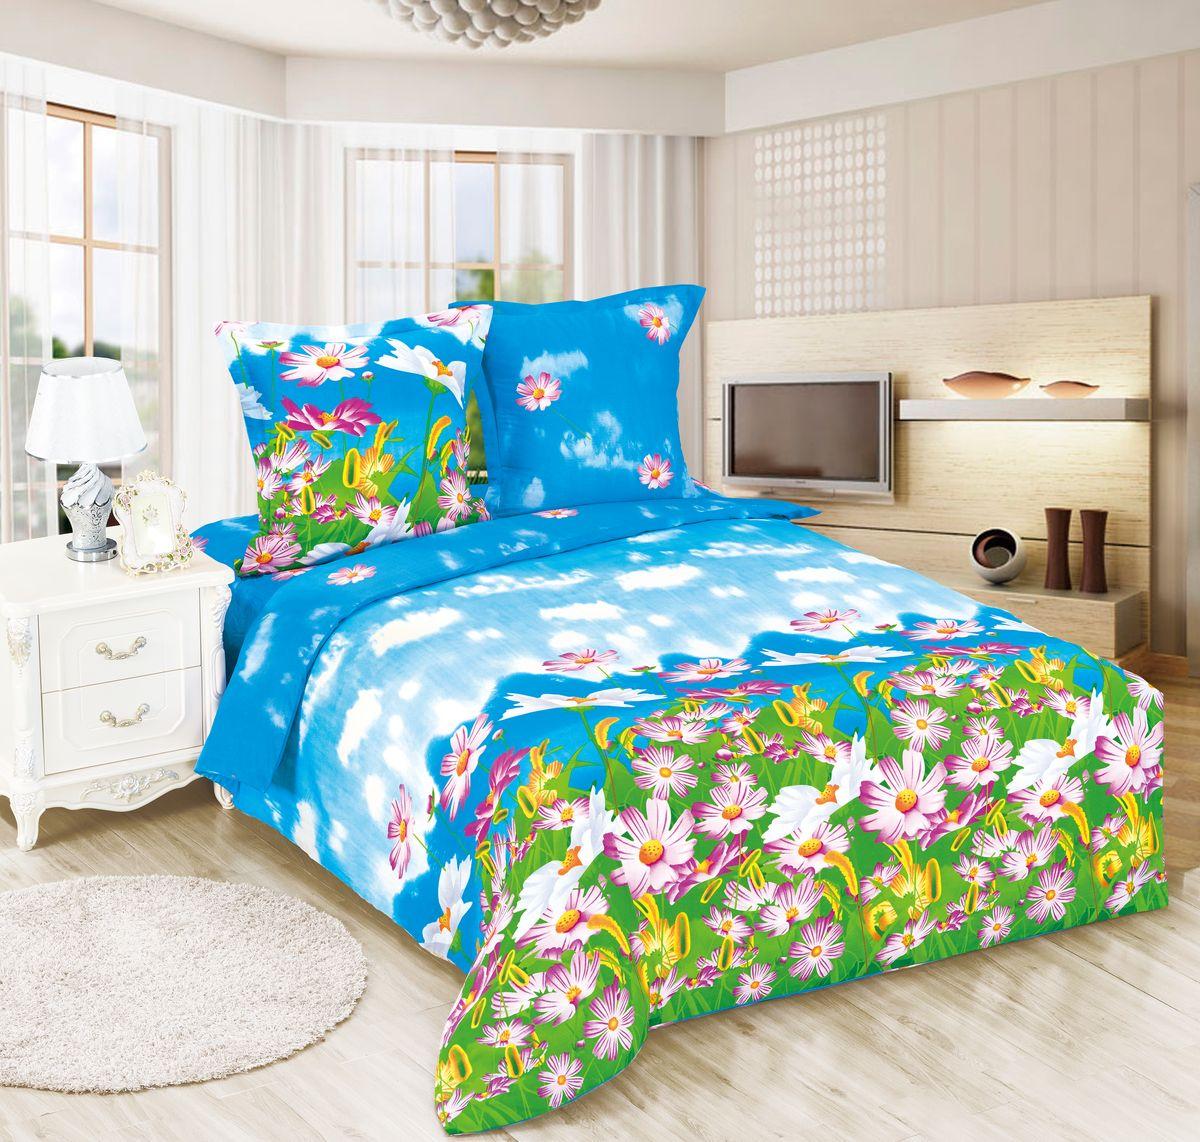 Комплект белья Amore Mio ET Radost, 2-спальное. 7007970079Amore Mio – Комфорт и Уют - Каждый день! Amore Mio предлагает оценить соотношению цены и качества коллекции.Разнообразие ярких и современных дизайнов прослужат не один год и всегда будут радовать Вас и Ваших близких сочностью красок и красивым рисунком. Белье Amore Mio – лучший подарок любимым! Поплин – европейский аналог бязи. Это ткань самого простого полотняного плетения с чуть заметным рубчиком, который появляется из-за использования нитей разной толщины. Состоит из 100% натурального хлопка, поэтому хорошо удерживает тепло, впитывает влагу и позволяет телу дышать. На ощупь поплин мягче бязи, но грубее сатина. Благодаря использованию современных методов окраски, не линяет и его можно стирать при температуре до 40°C. Пододеяльник-180*215, Простыня-200*220, наволочки-70*70(2шт)